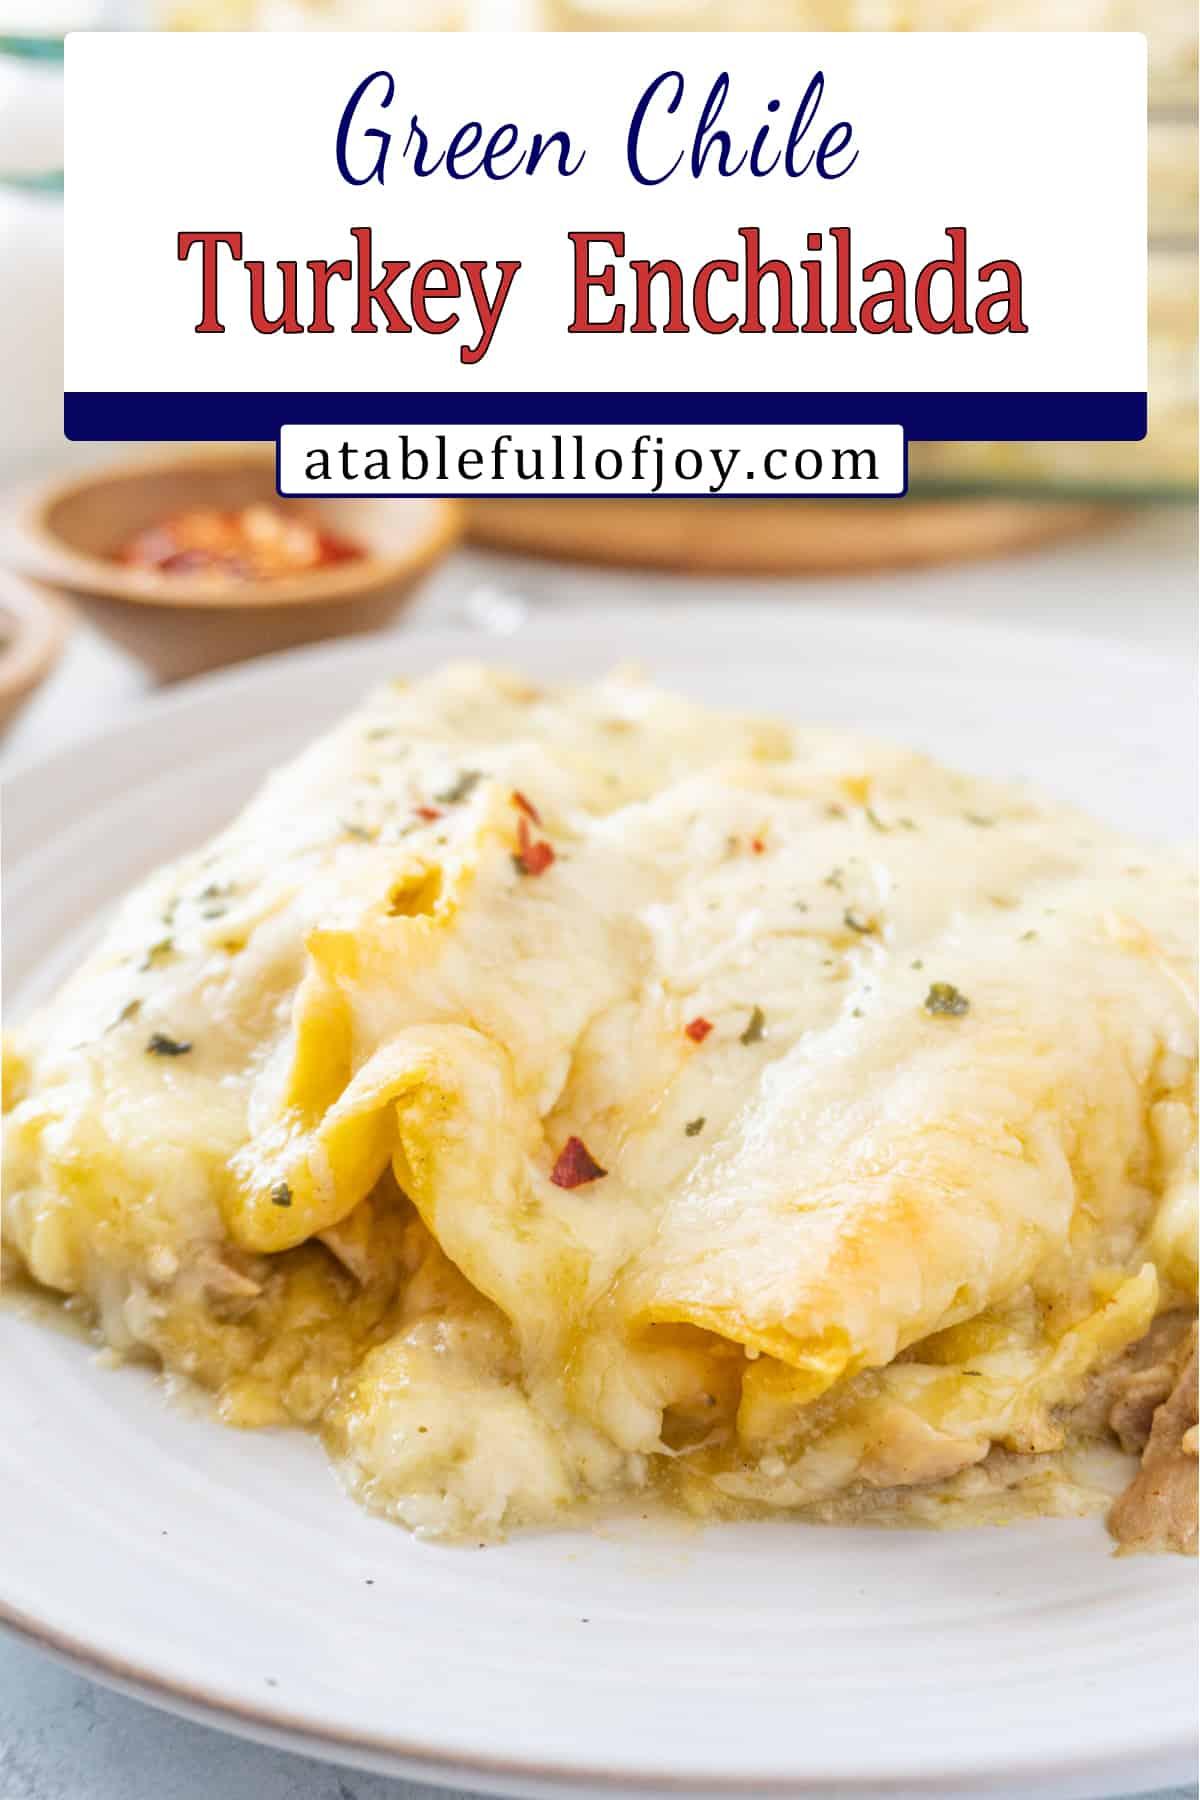 enchilada on plate pinterest pin